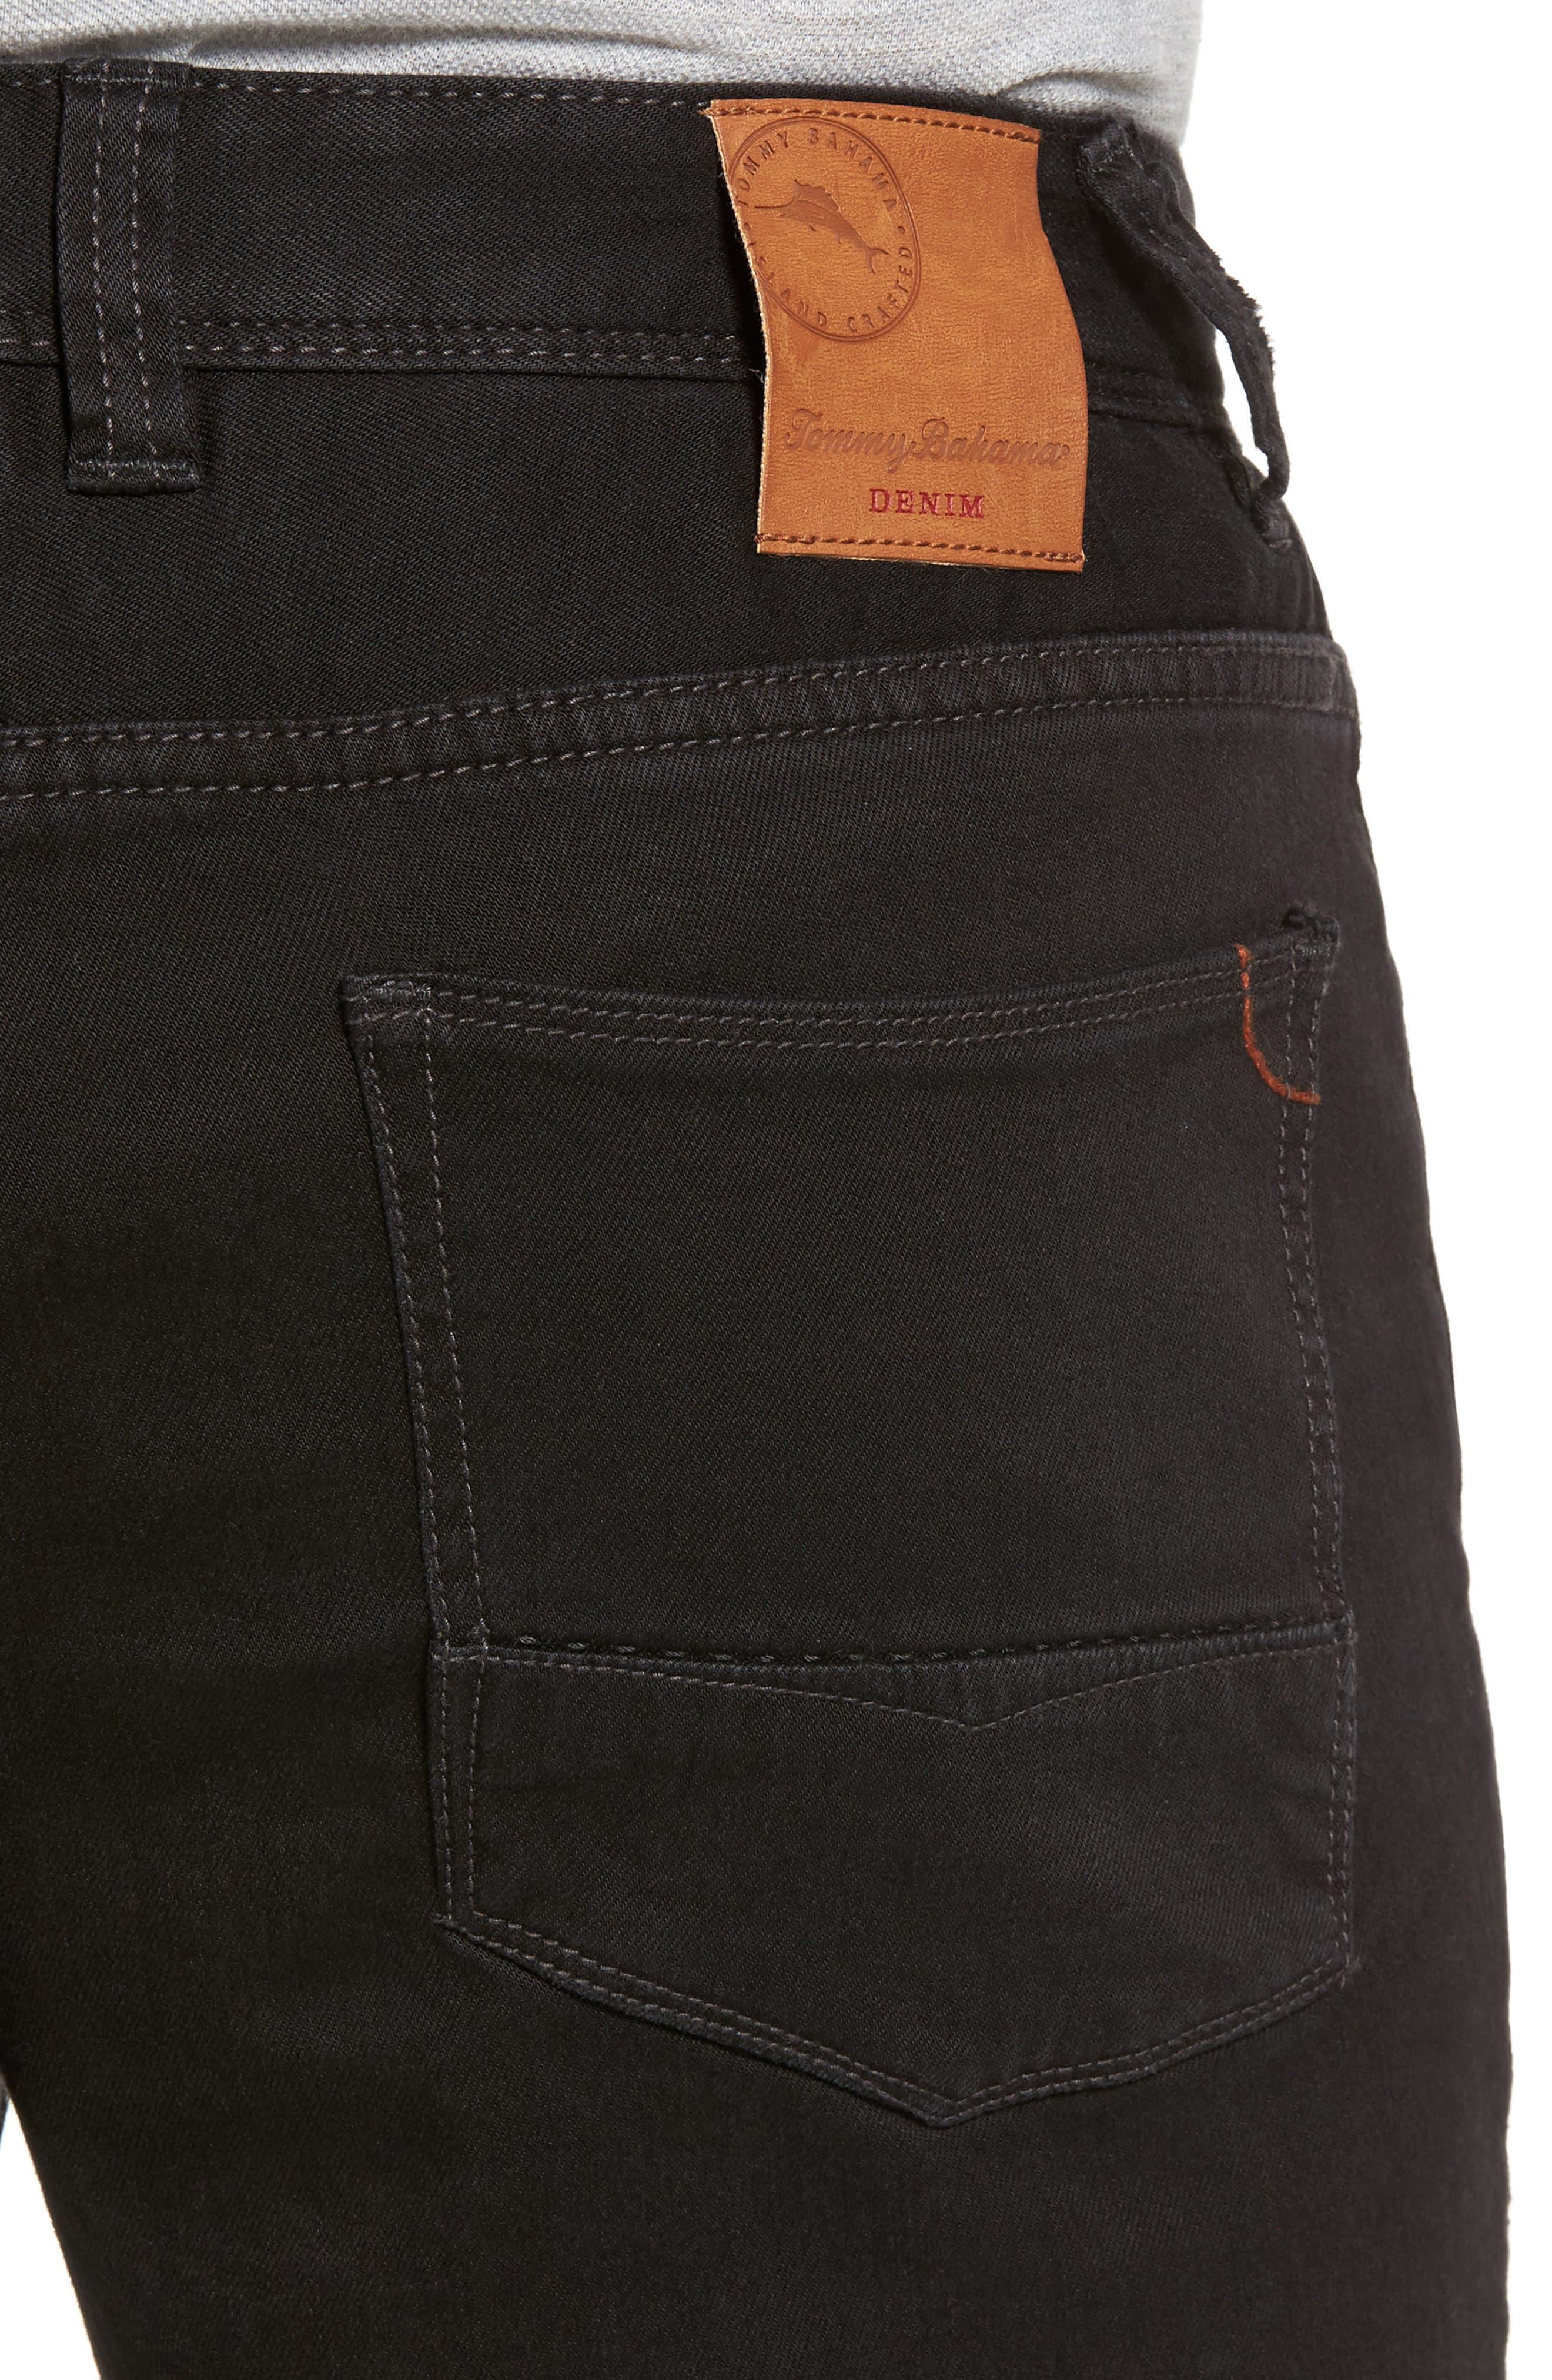 Sand Straight Leg Jeans,                             Alternate thumbnail 4, color,                             BLACK OVERDYE